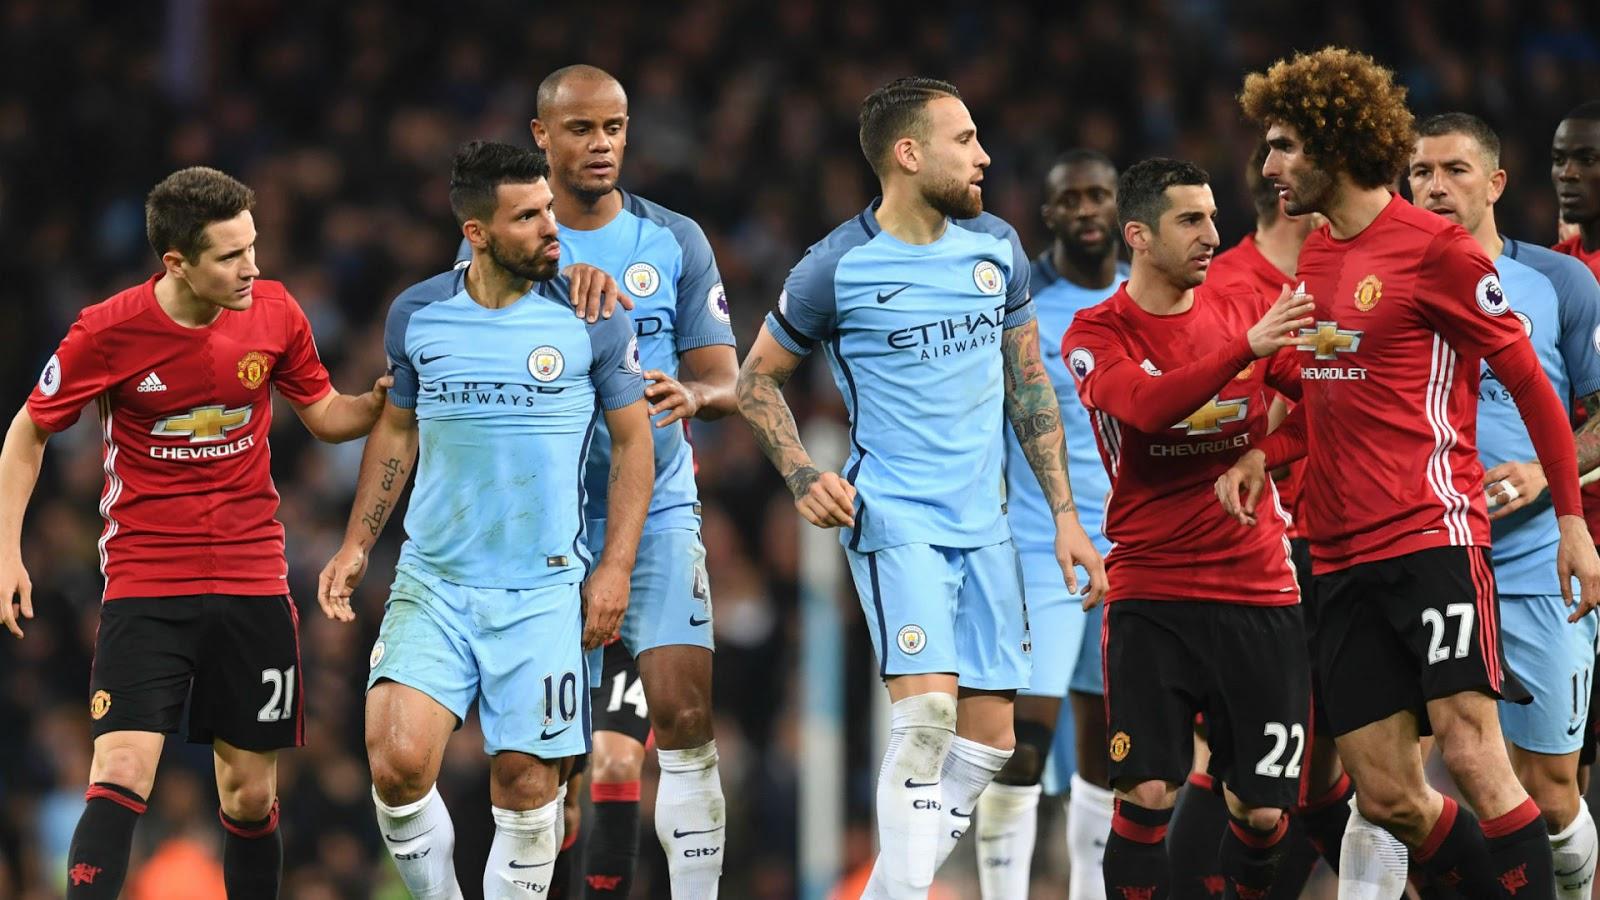 Prediksi Manchester City VS Manchester United 8 Desember 2019